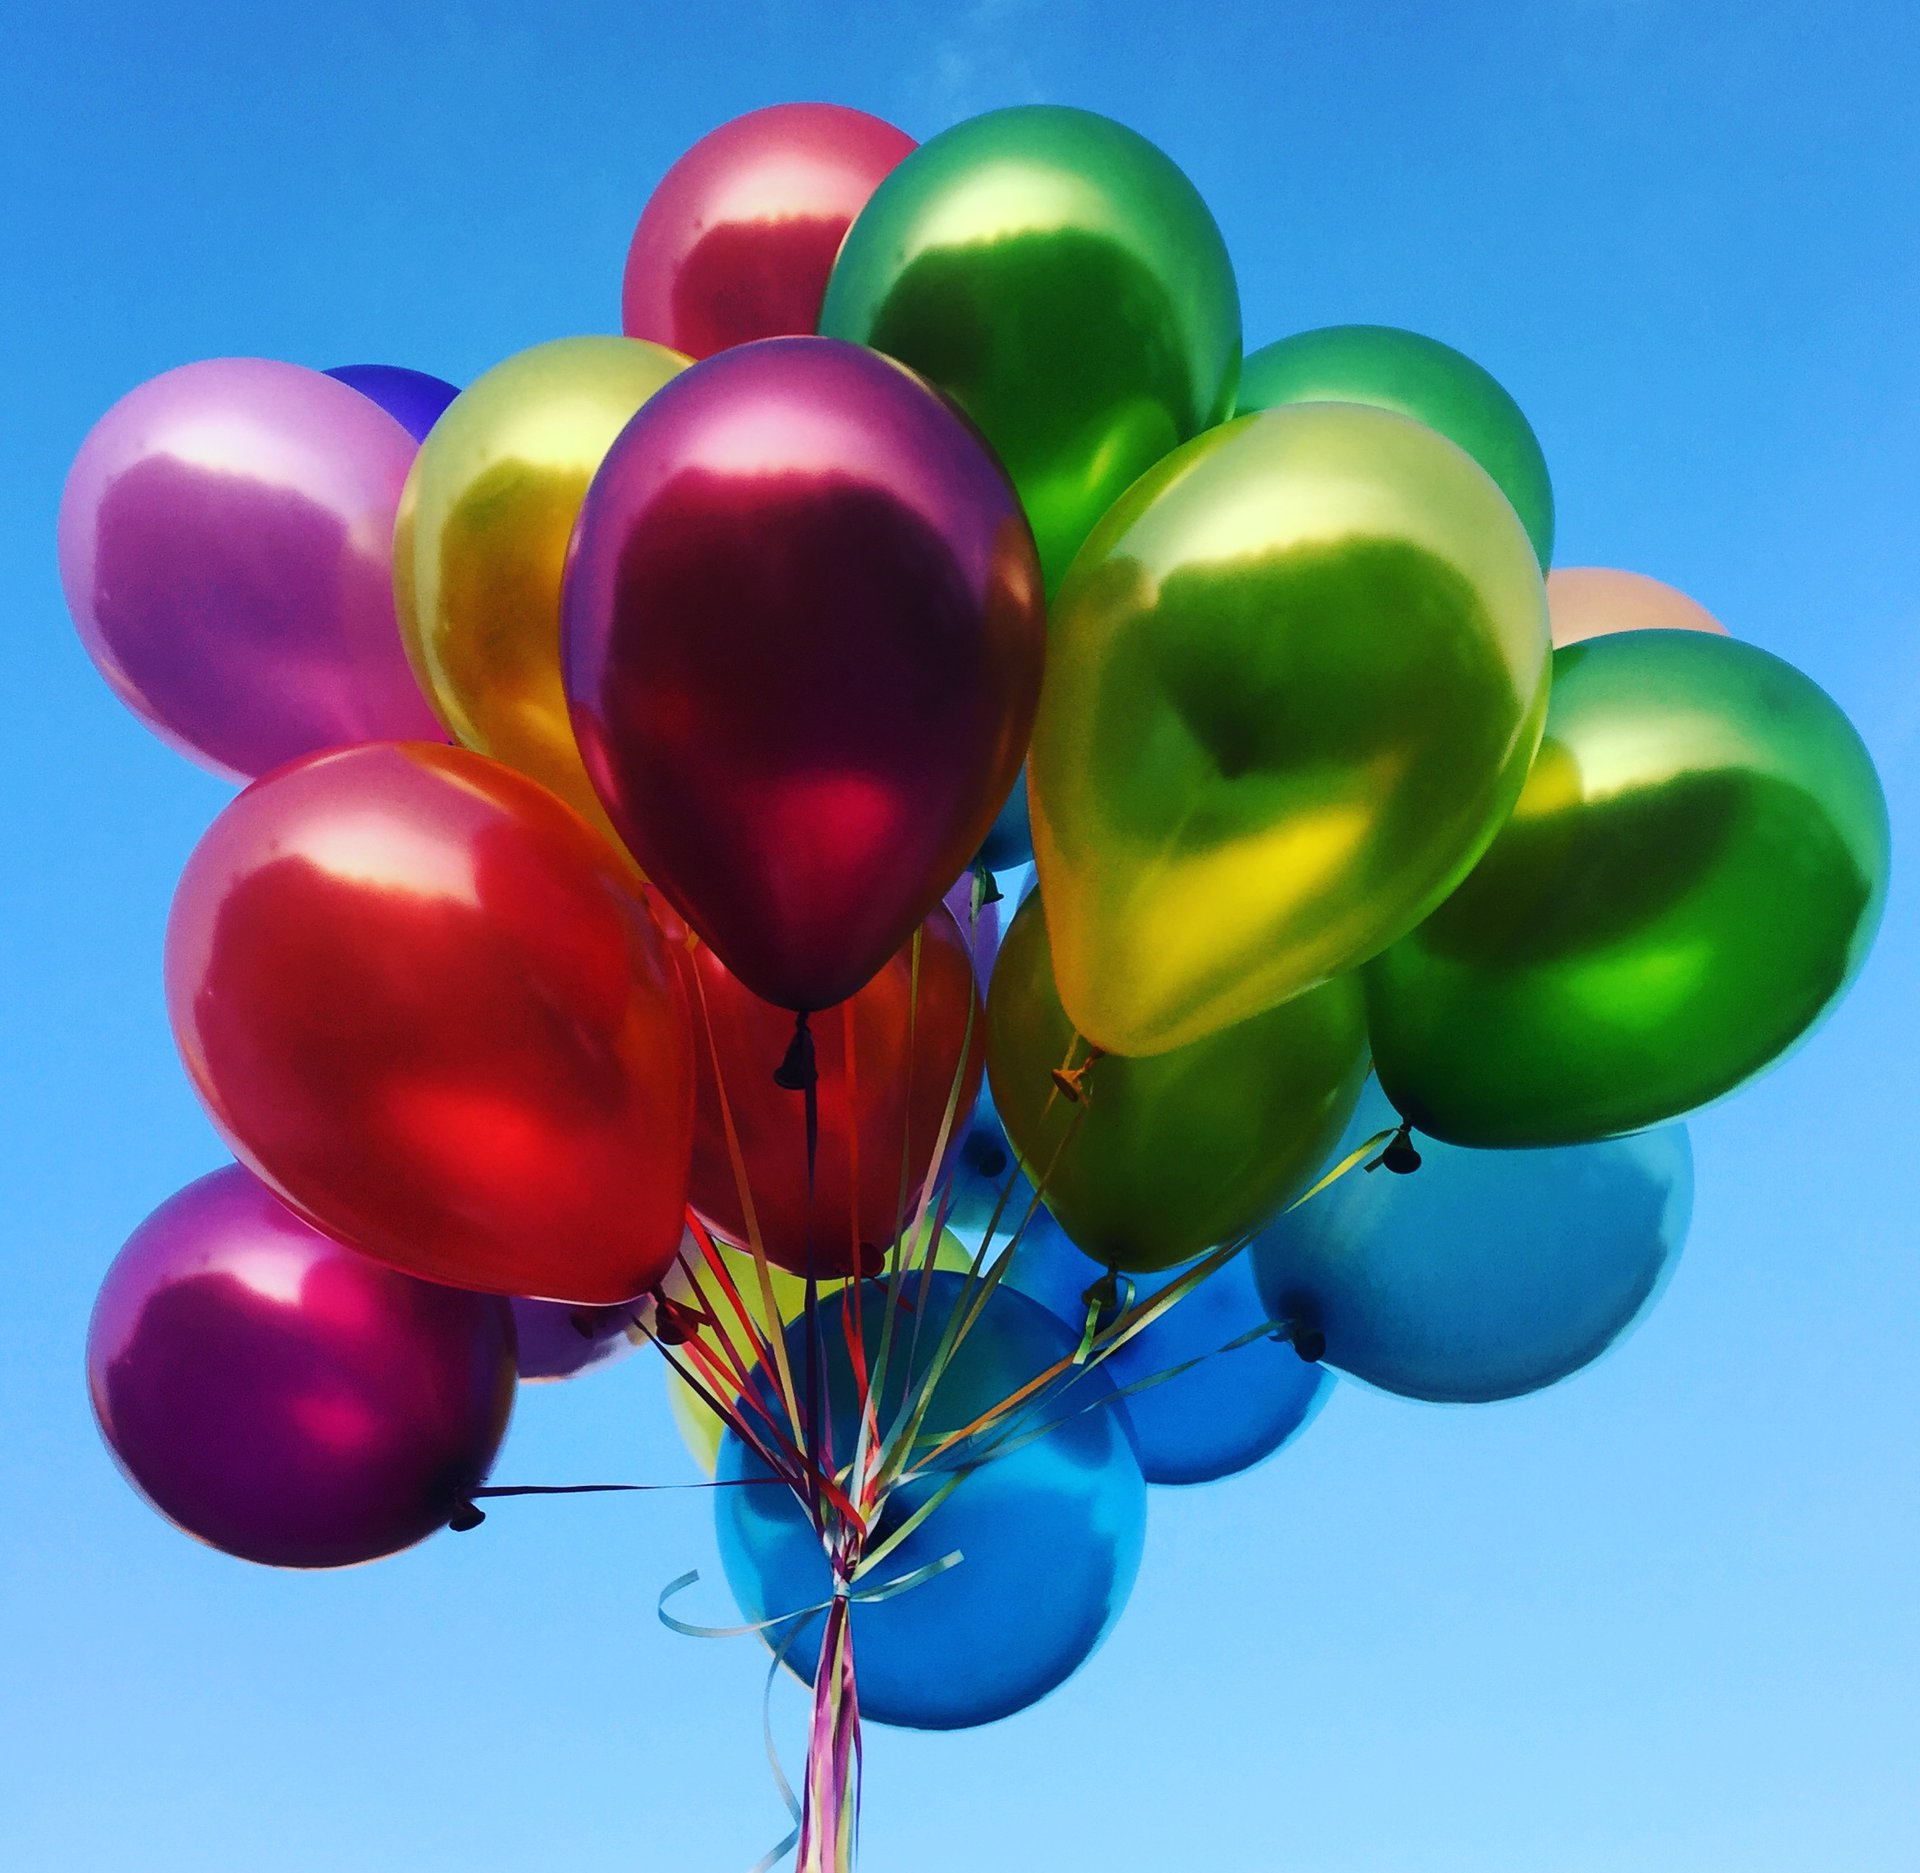 Красивые воздушные шары фото, поздравления днем